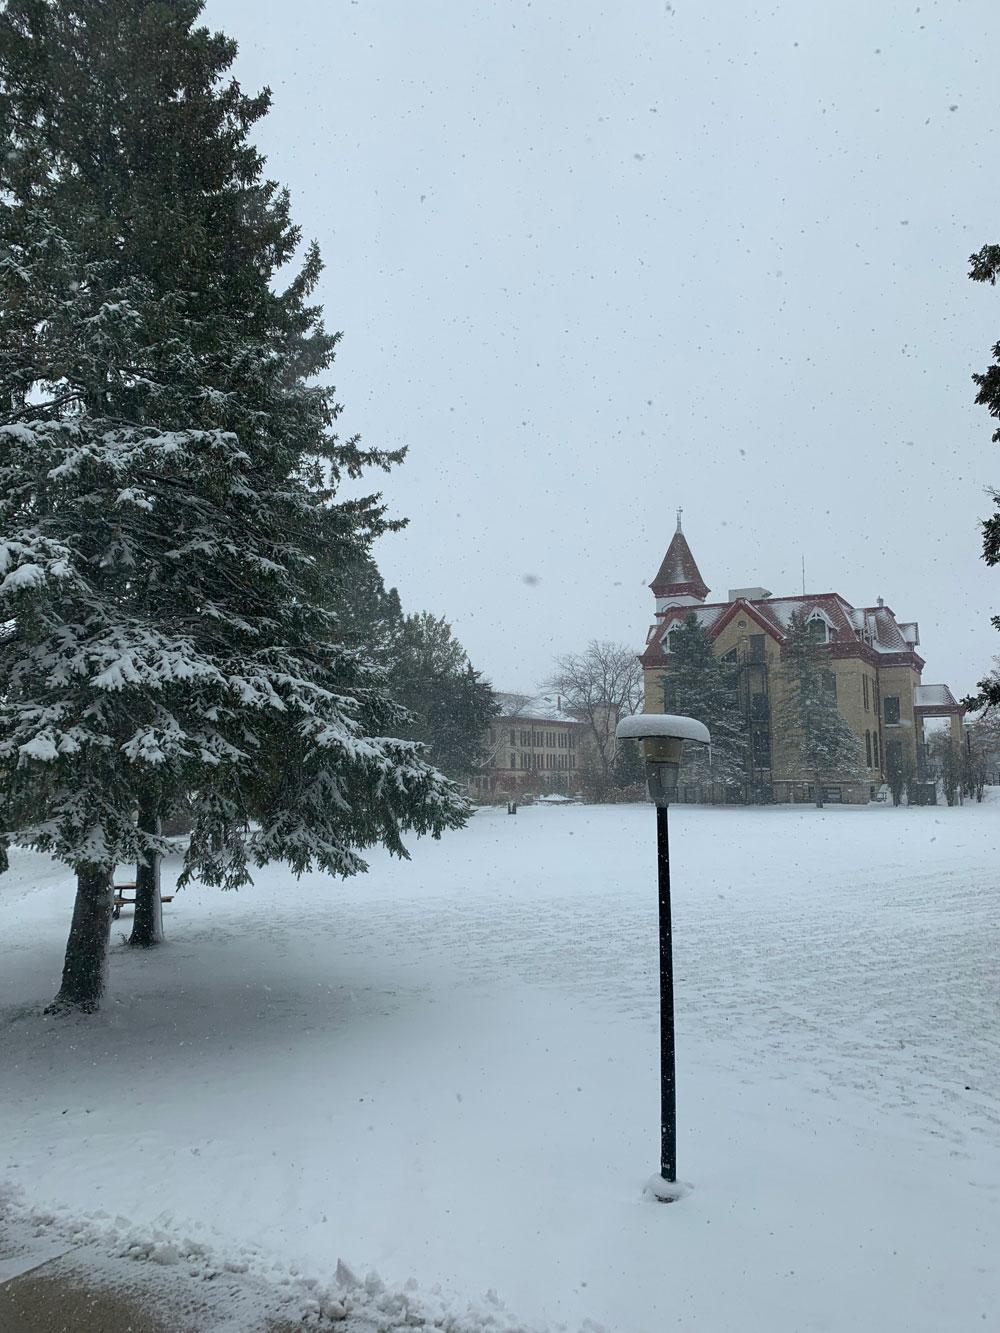 アメリカ ウィスコンシン州の雪景色